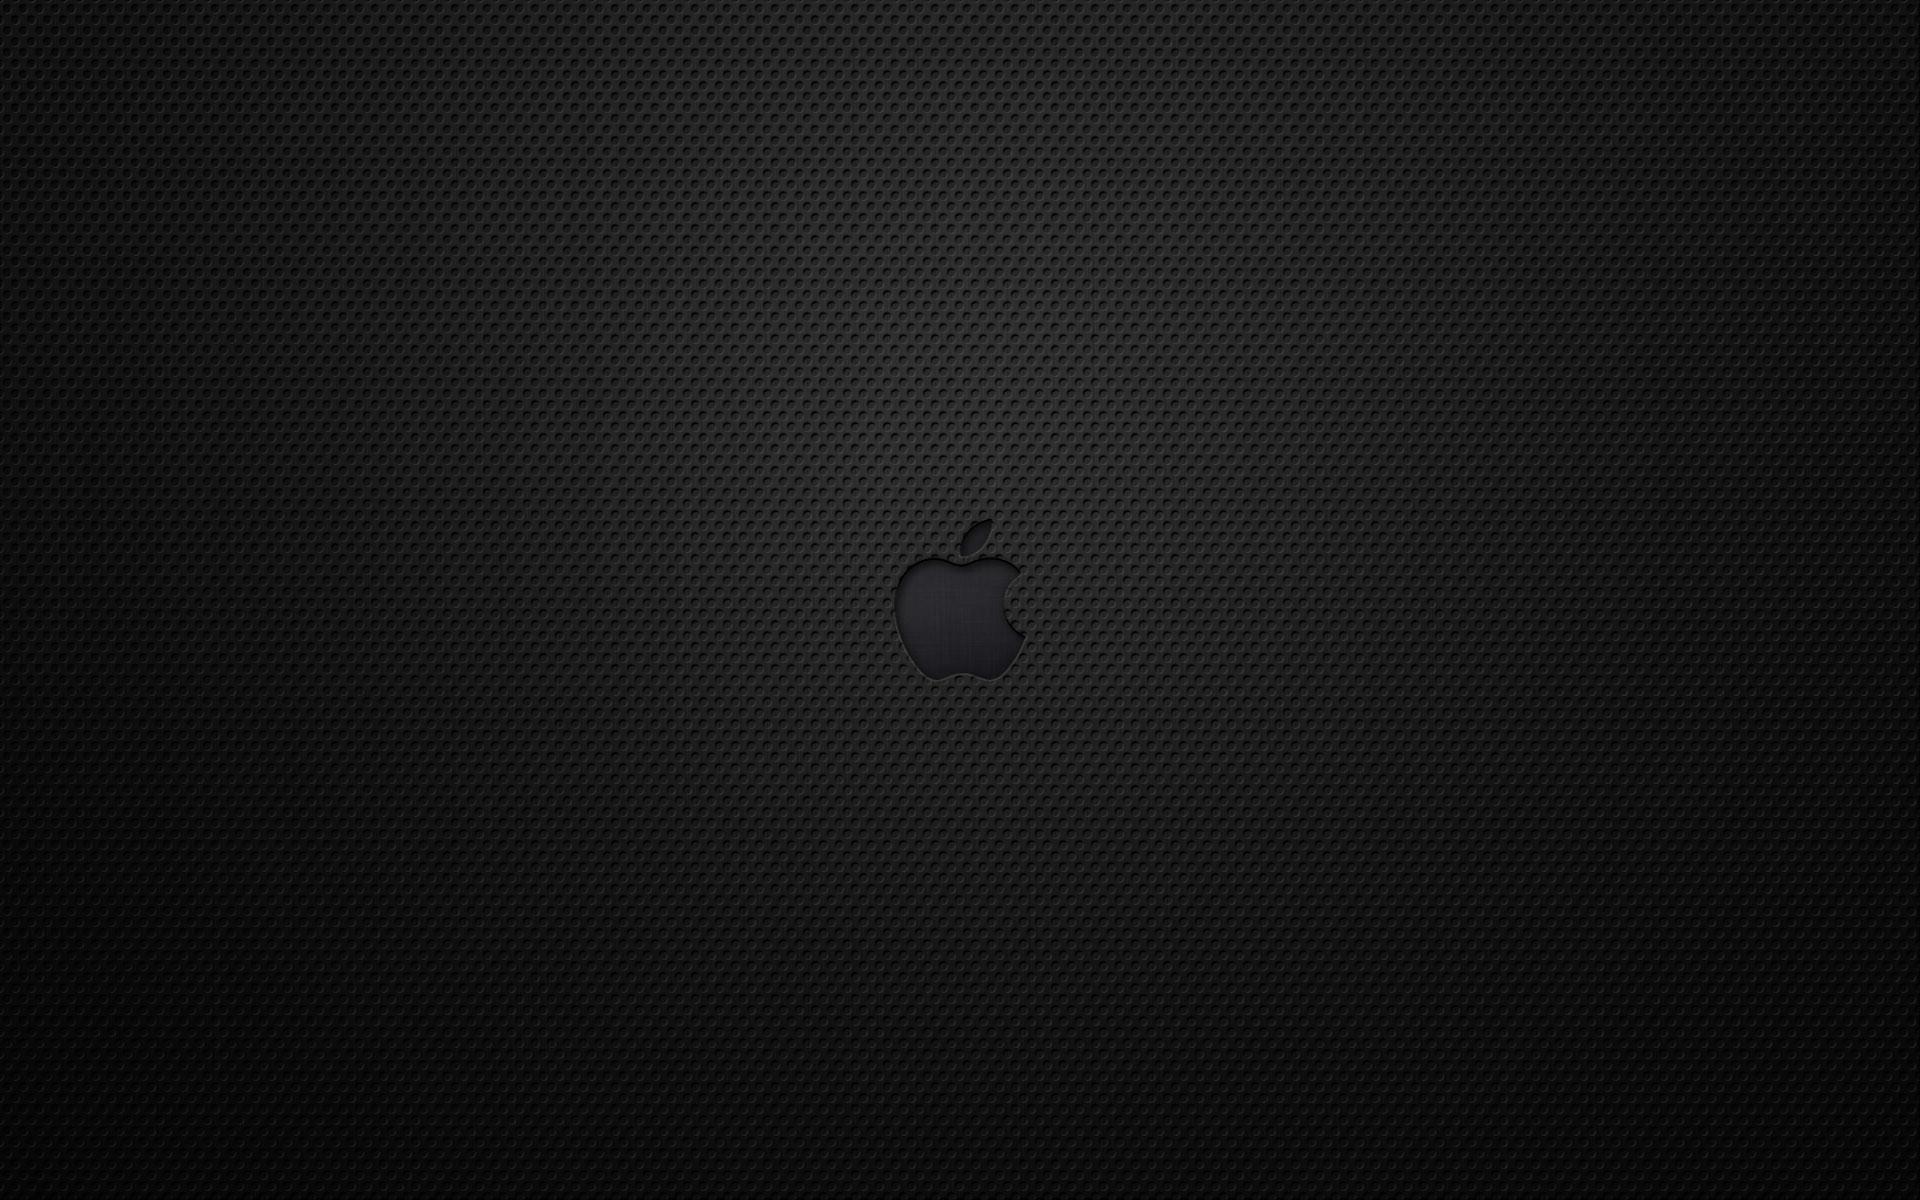 Desktop Background Mac 65 Images